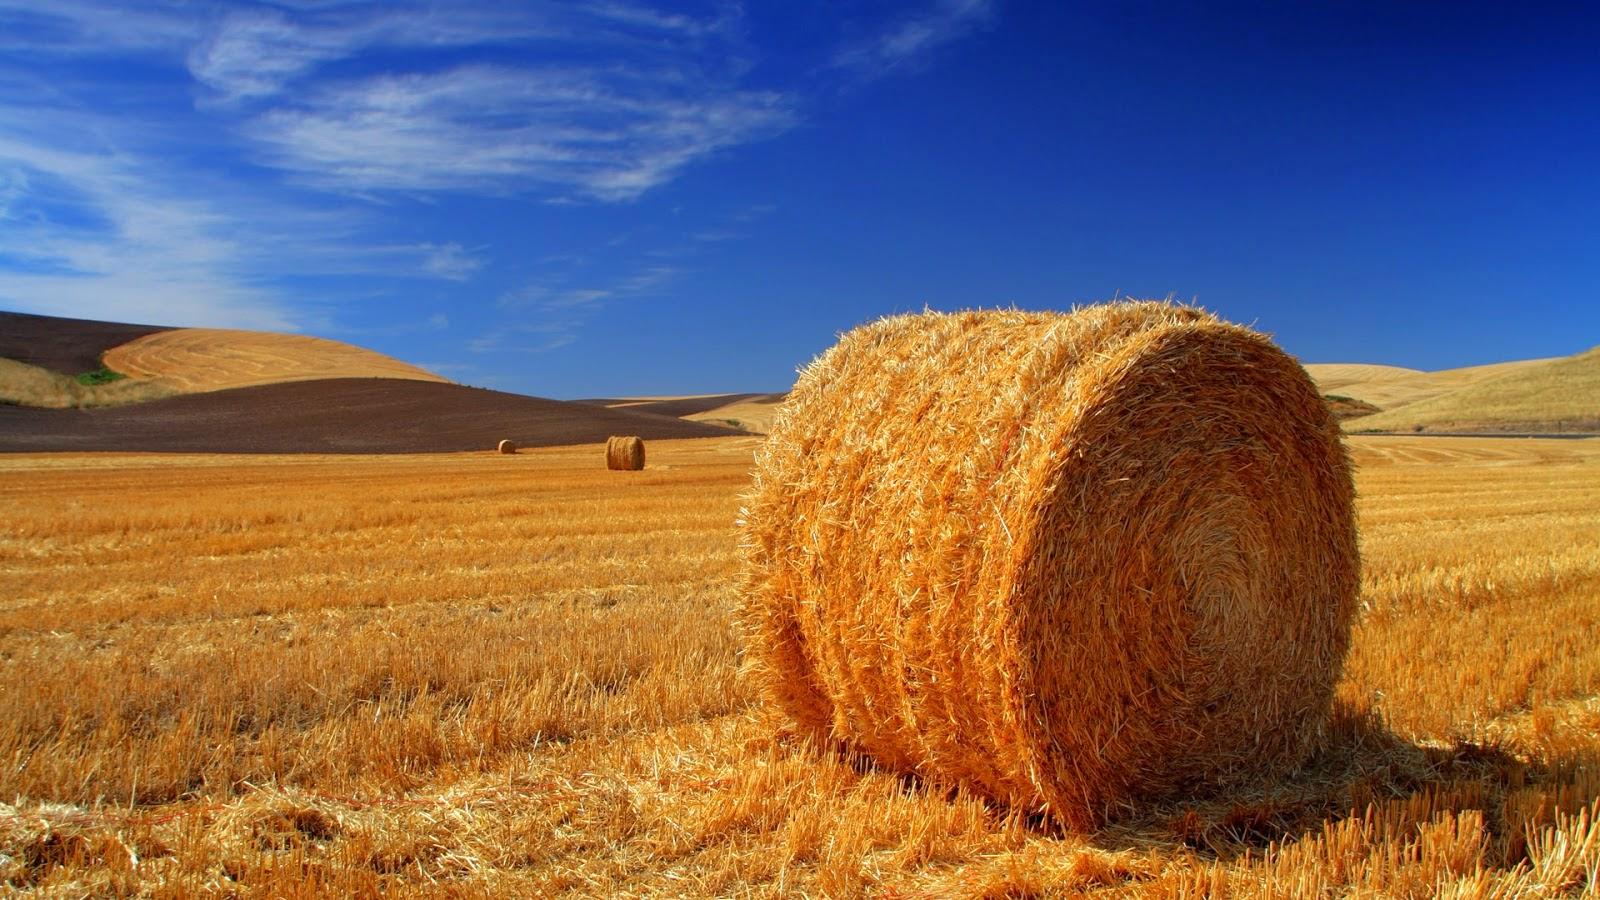 cos'è il reddito agrario